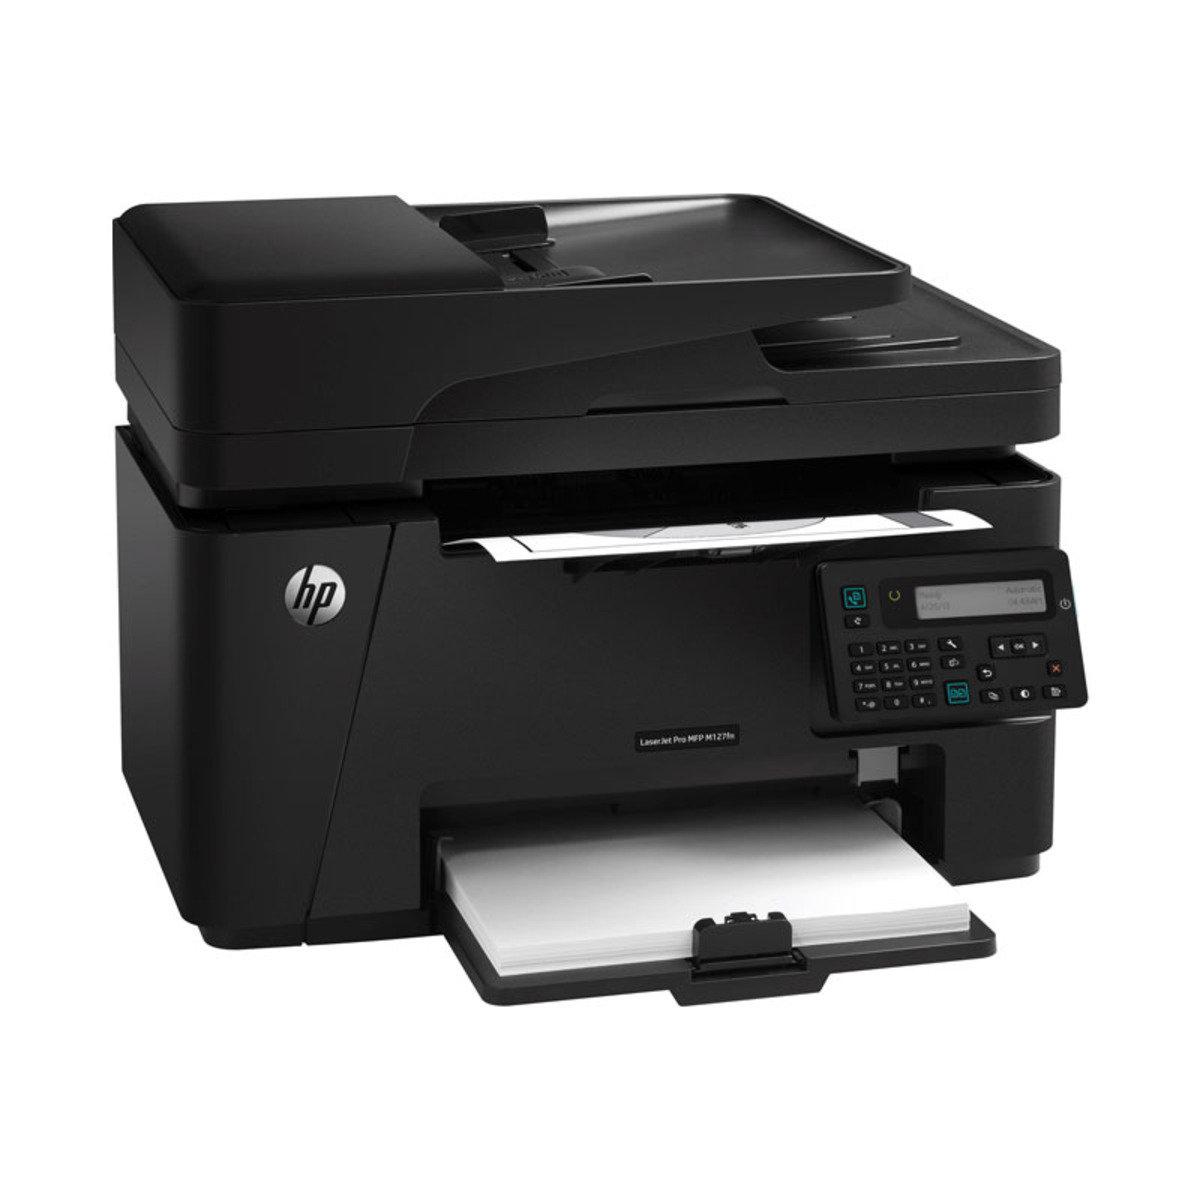 HP Laserjet Pro 個人黑白鐳射打印機 Laserjet Pro MFP M127fn